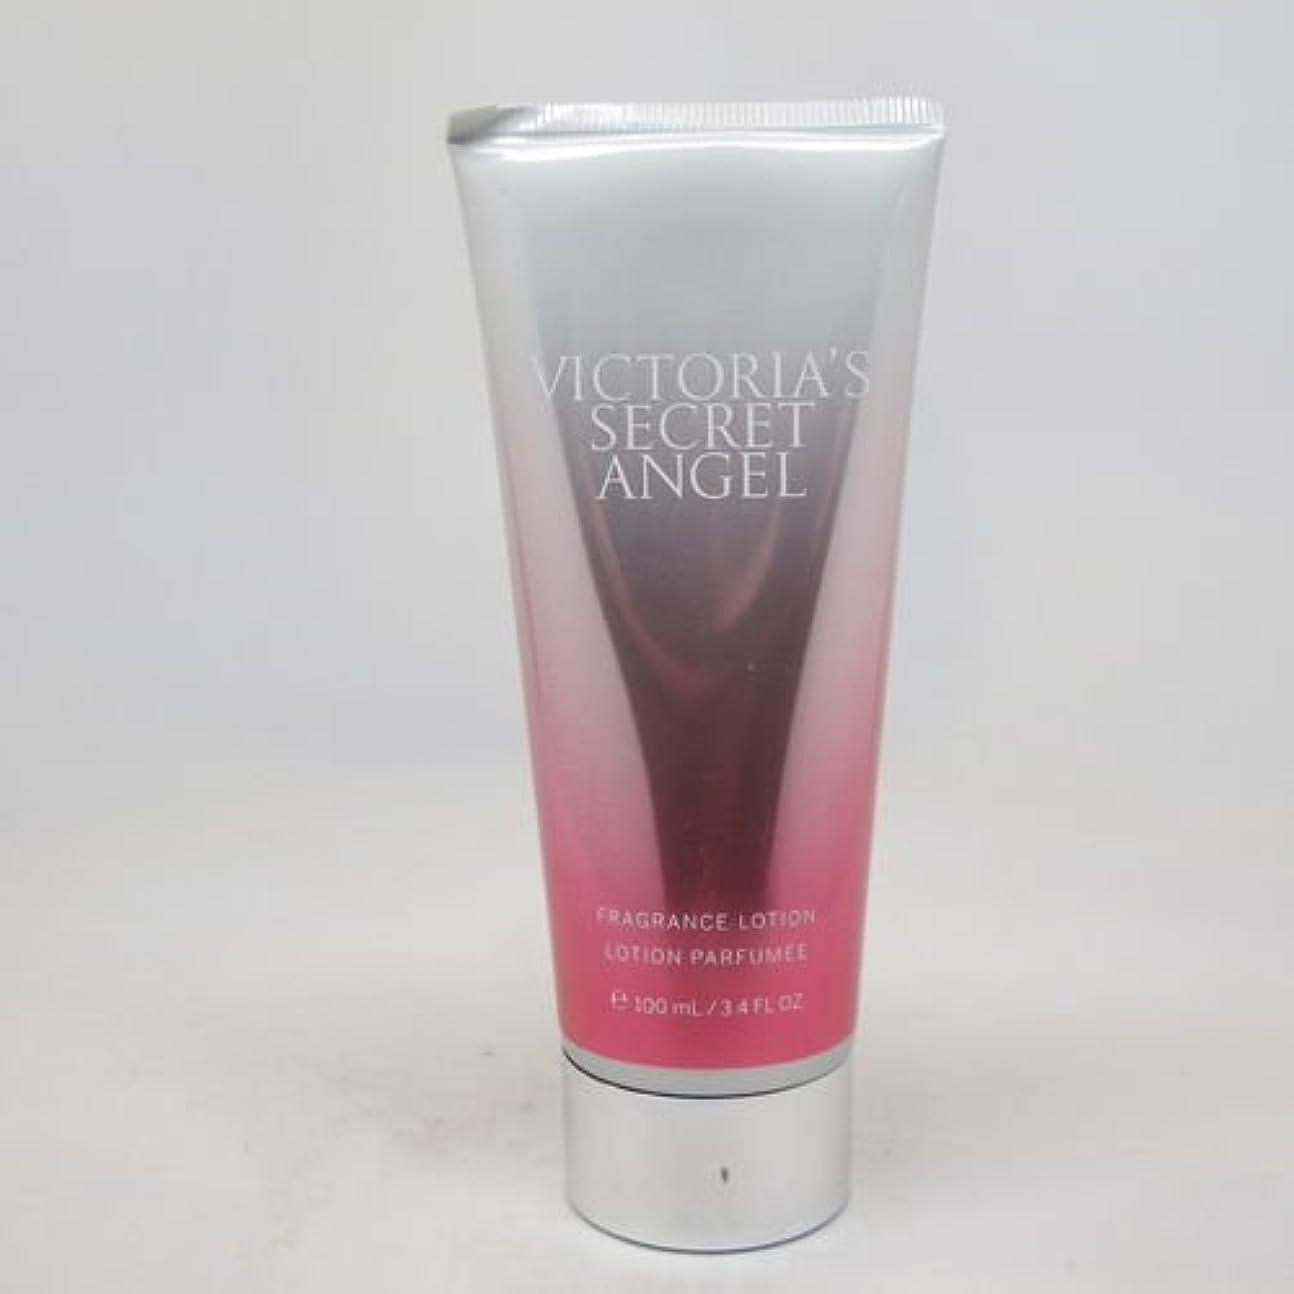 出席制限汚染するVictoria's Secret Angel (ヴィクトリアシークレット エンジェル) 3.4 oz (100ml) Body Lotion for Women